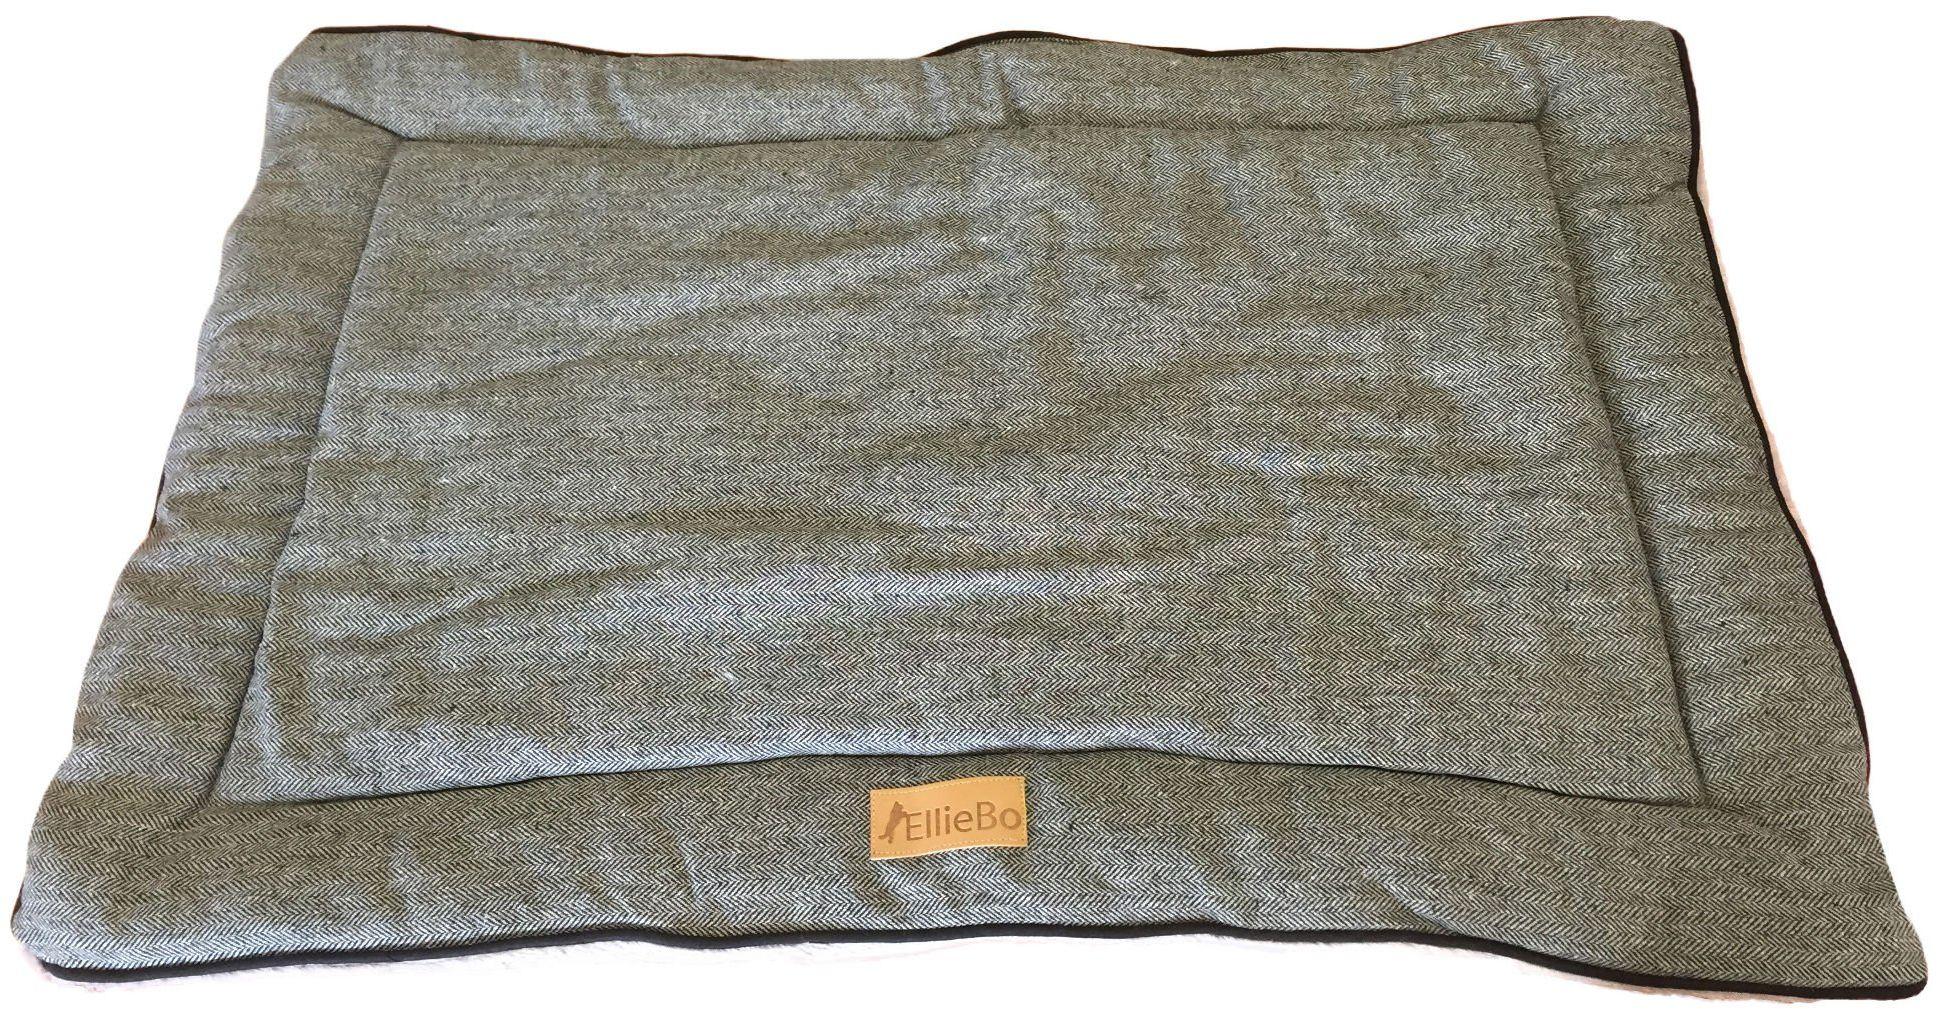 Ellie-Bo dwustronne tweedowe i szare sztuczne futro mata łóżko dla bardzo dużych 100 cm klatek i skrzynek dla psa szczeniaka